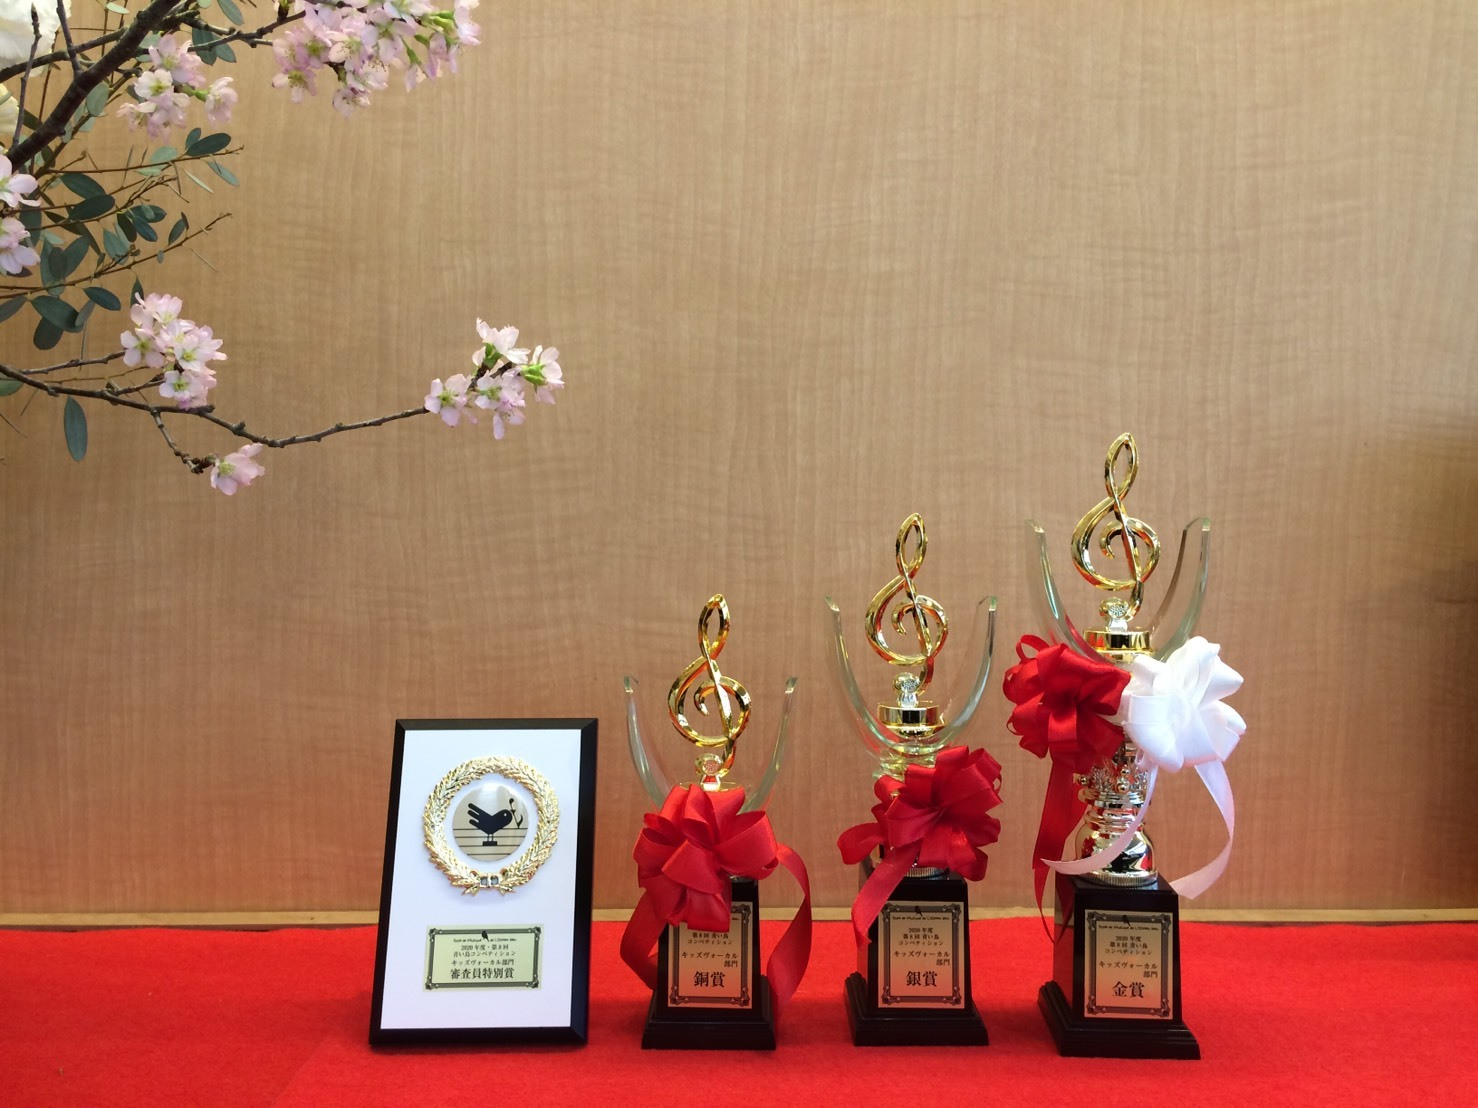 第8回青い鳥コンペティション 入賞者発表_c0150287_18552770.jpg